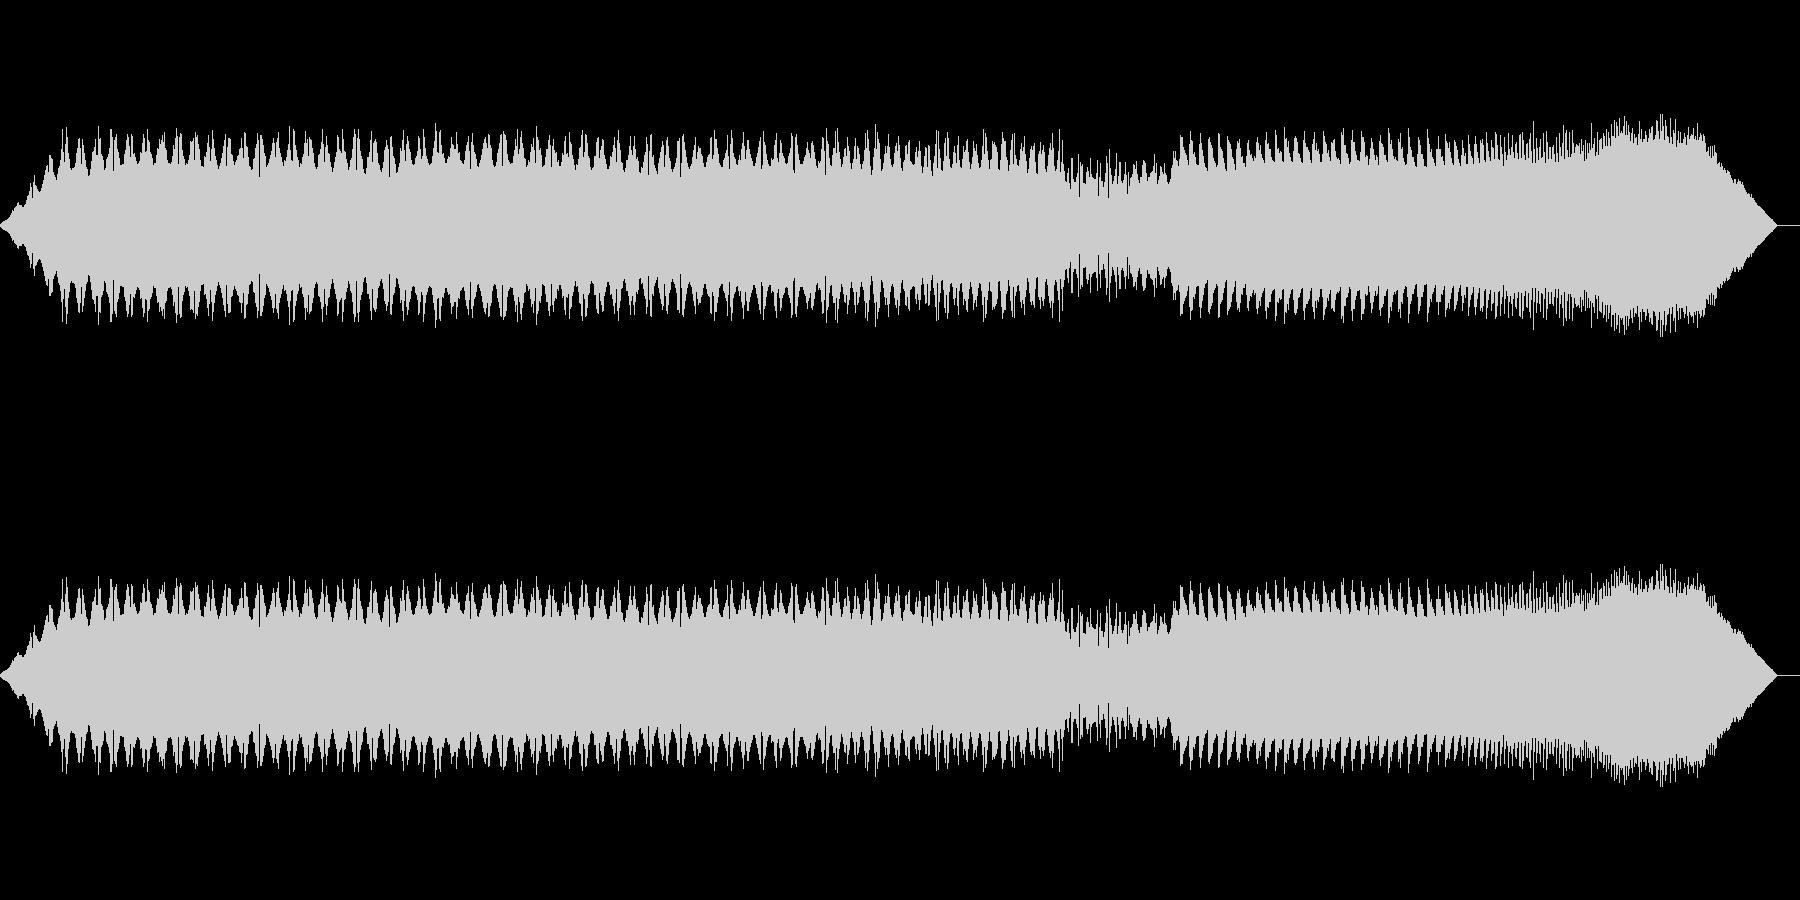 アラーム-アラーム、変換の未再生の波形